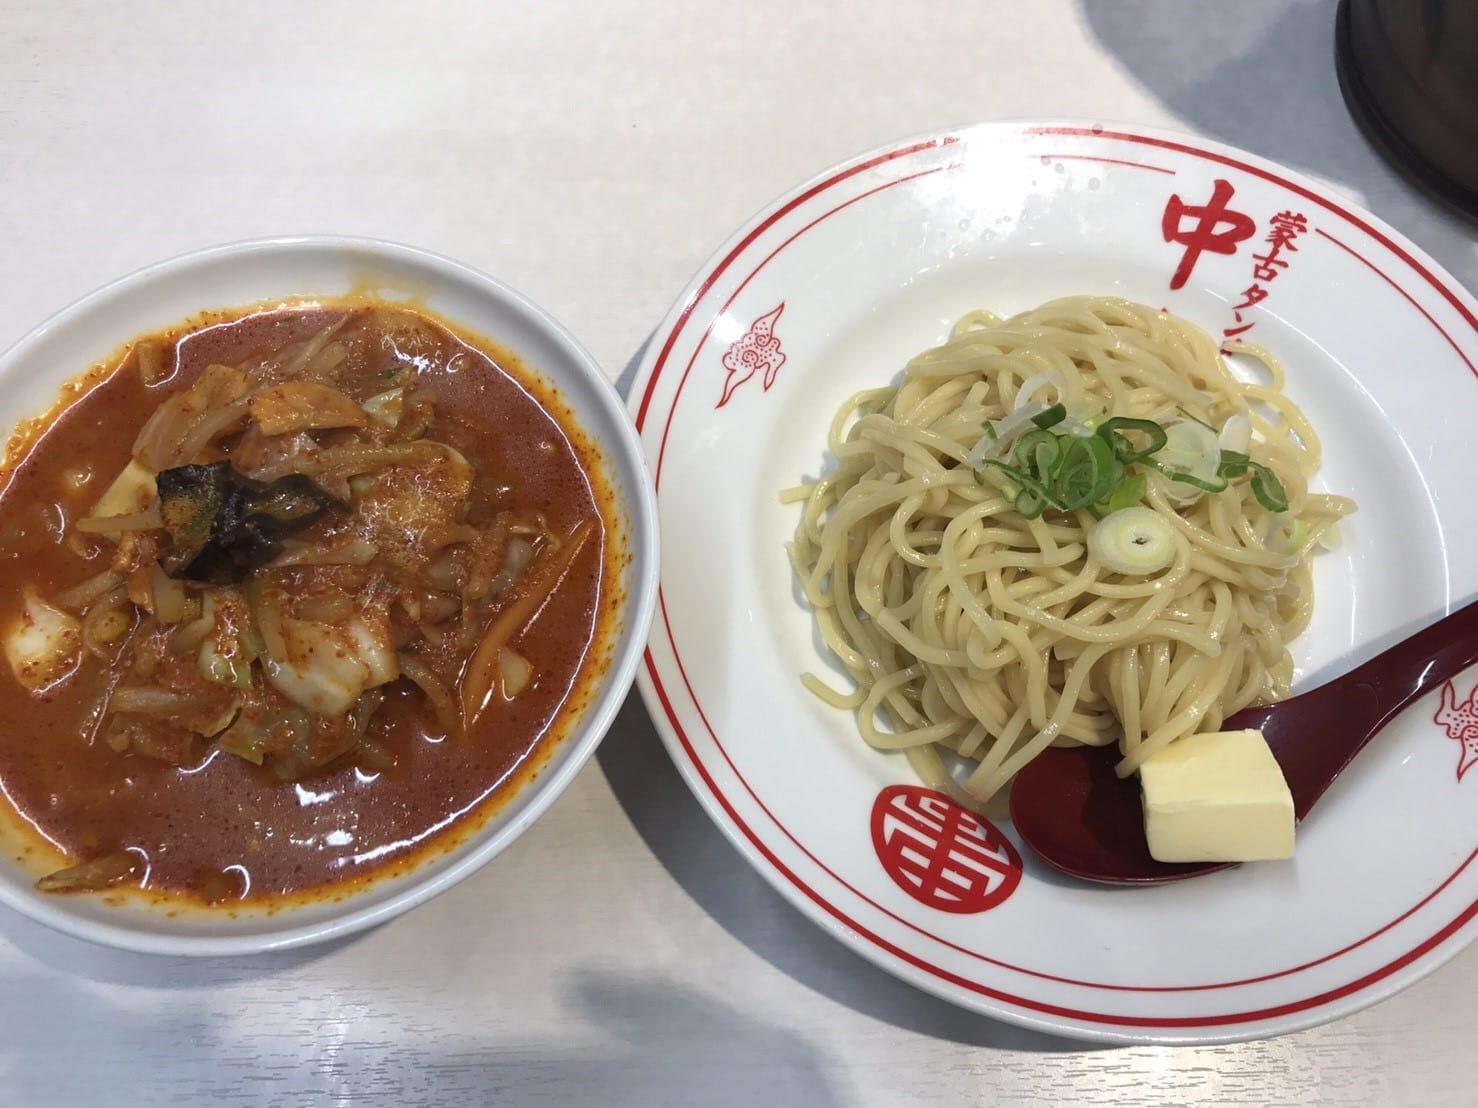 「無題」12/01(12/01) 08:08 | ほなみの写メ・風俗動画